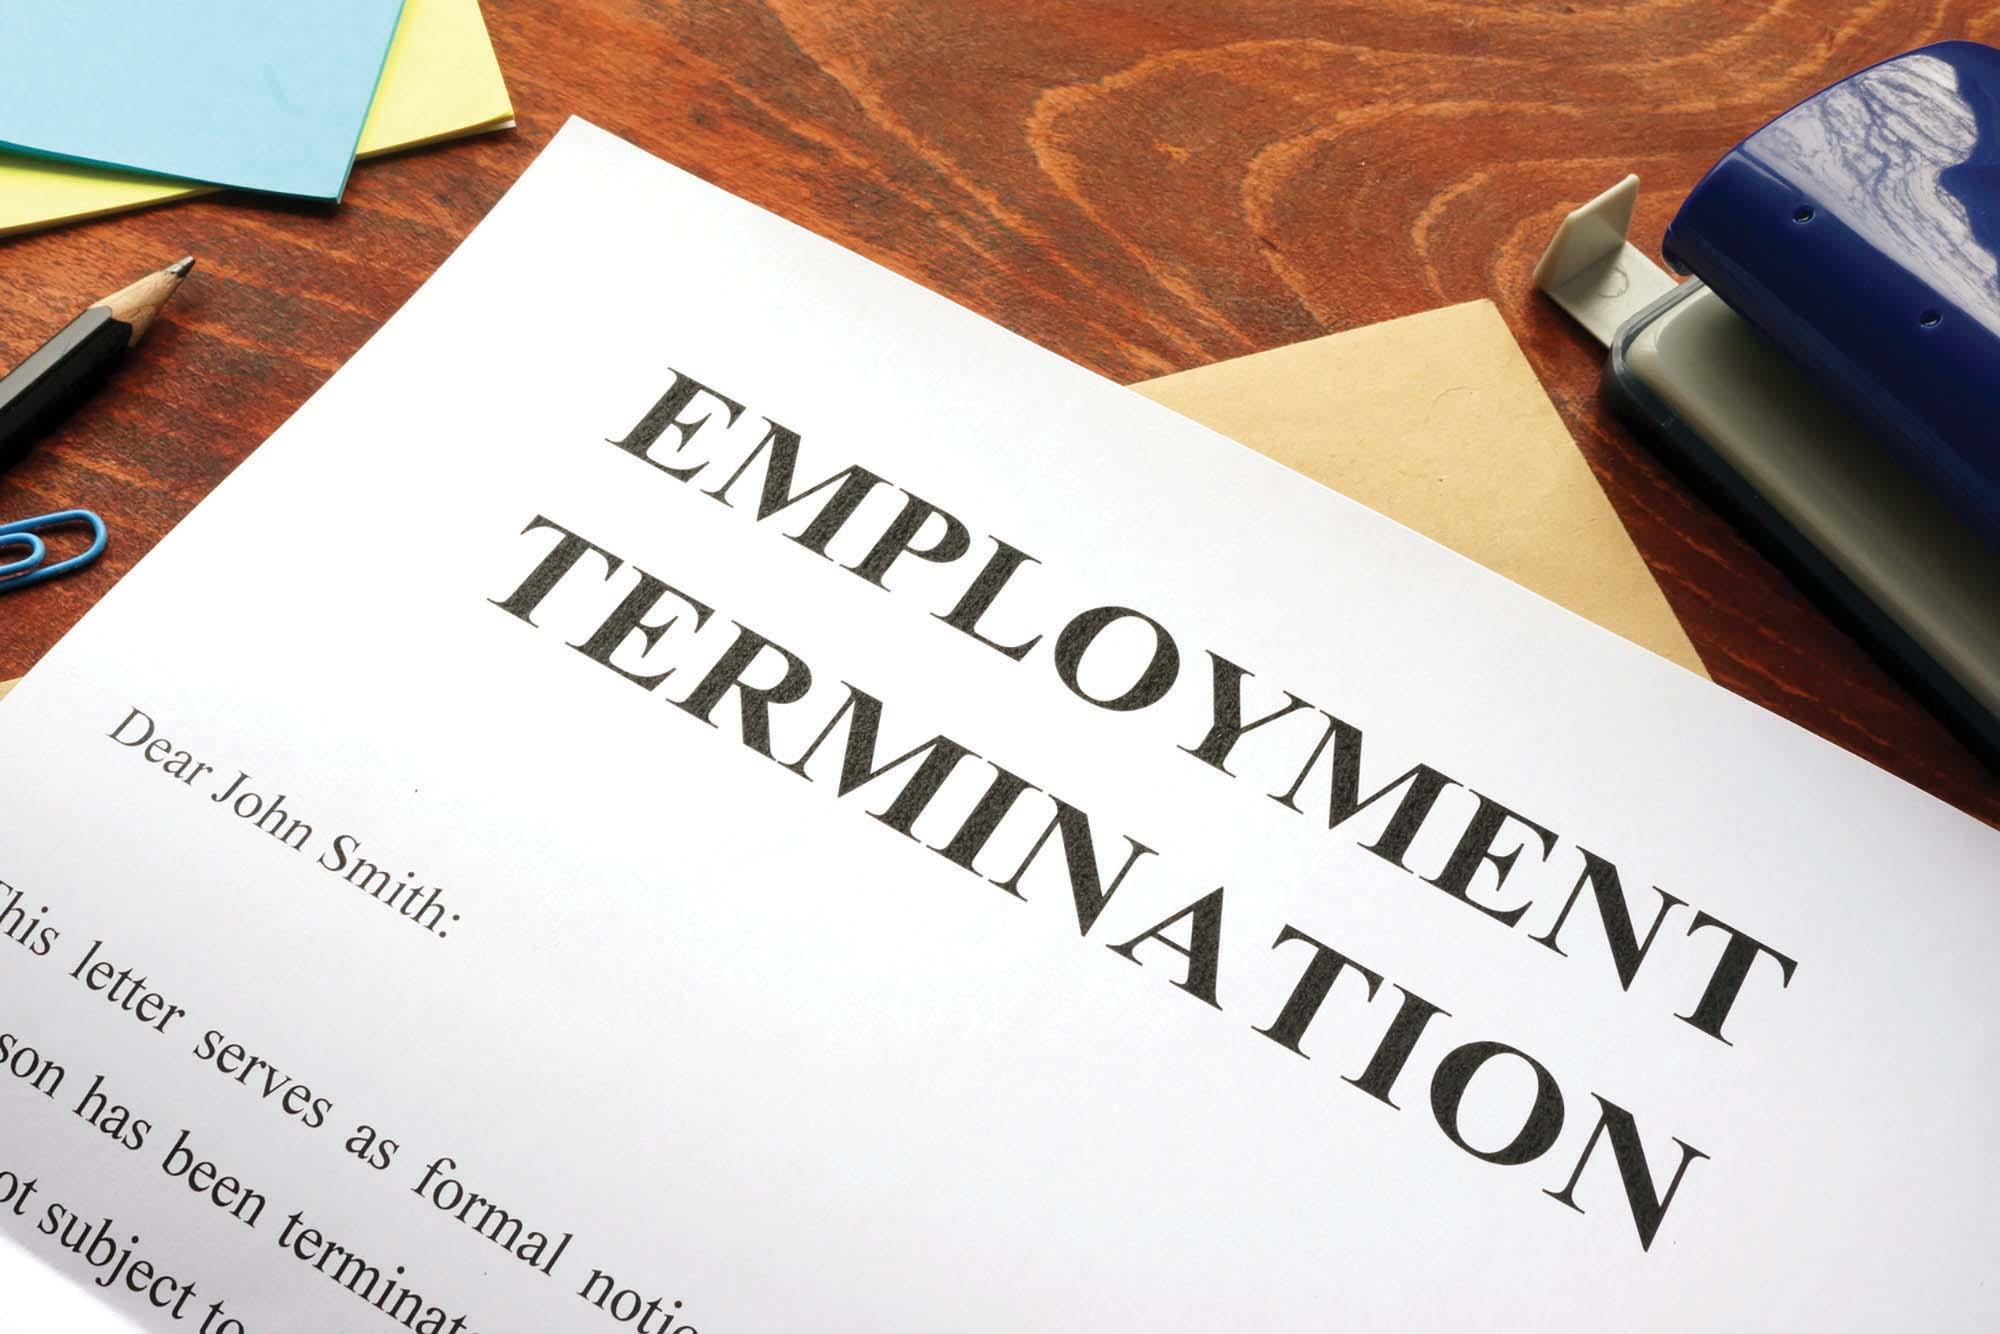 Chấm dứt hợp đồng lao động (Termination of Employment) là gì? Chấm dứt việc làm tự nguyện và không tự nguyện - Ảnh 1.